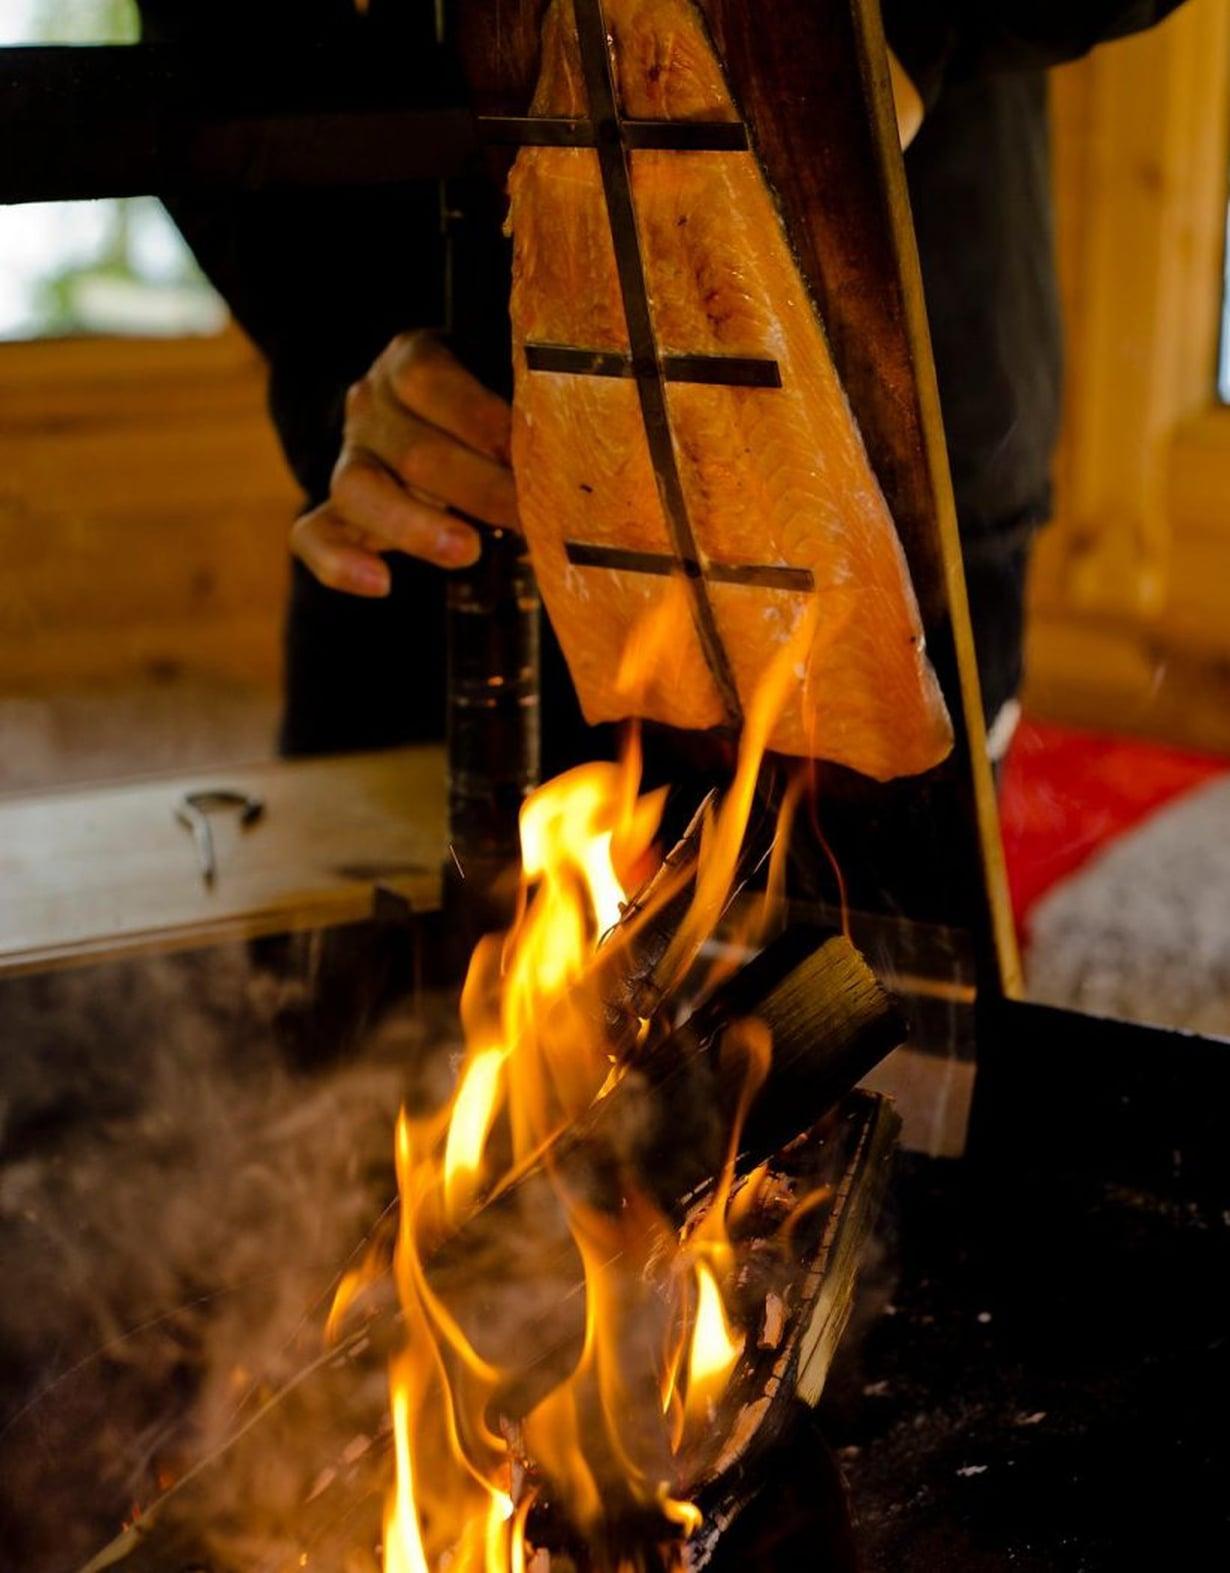 Jos hyvin käy, isäntä loimottaa meille grilli-kodassa lohta.